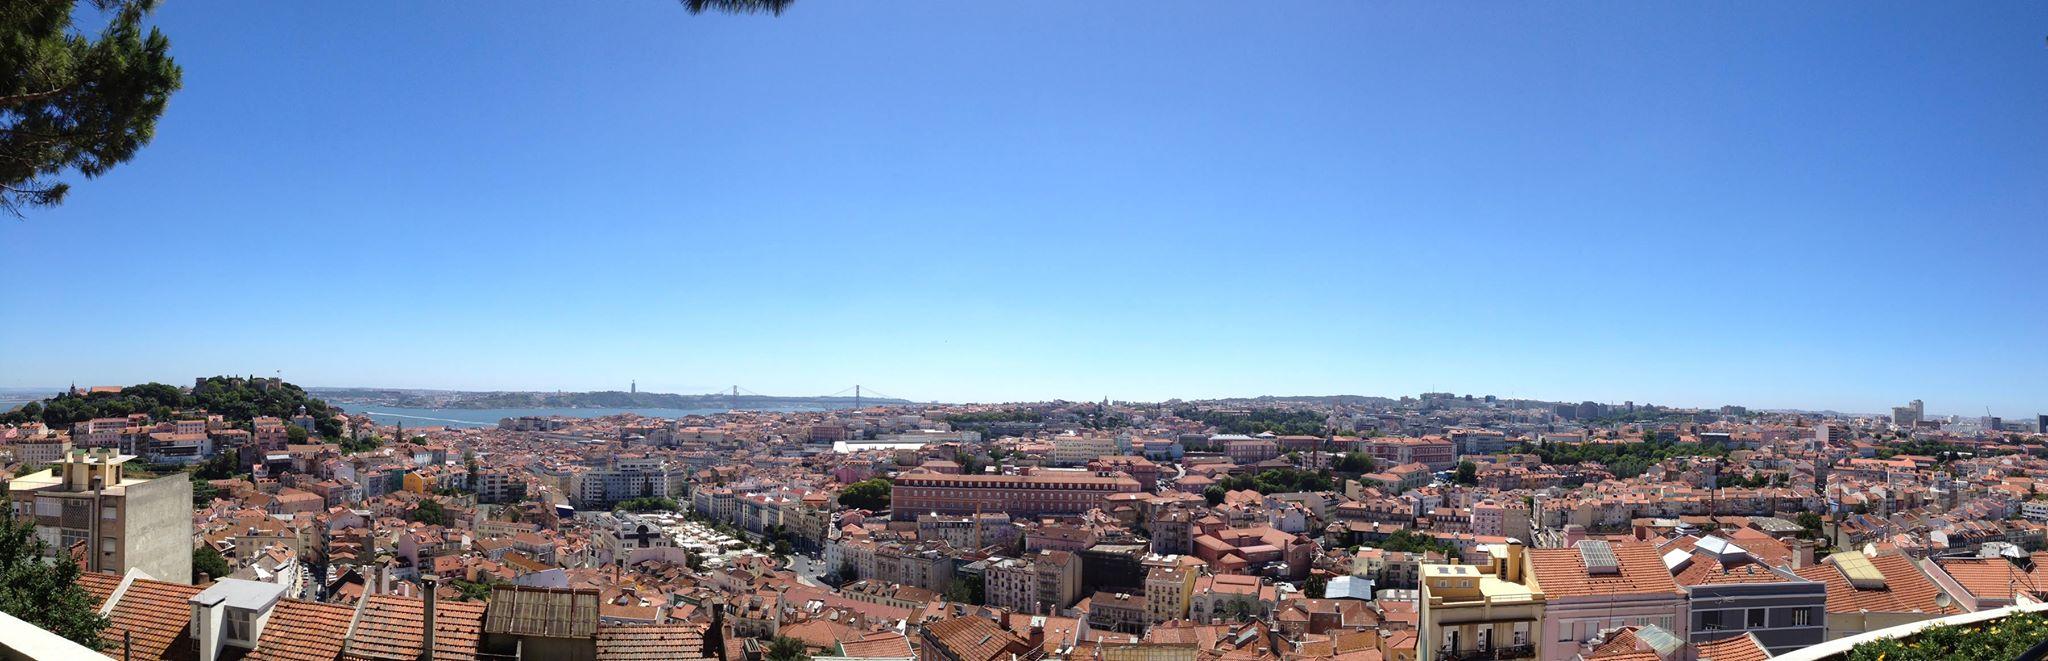 Lasciare Lisbona, pensieri d'addio